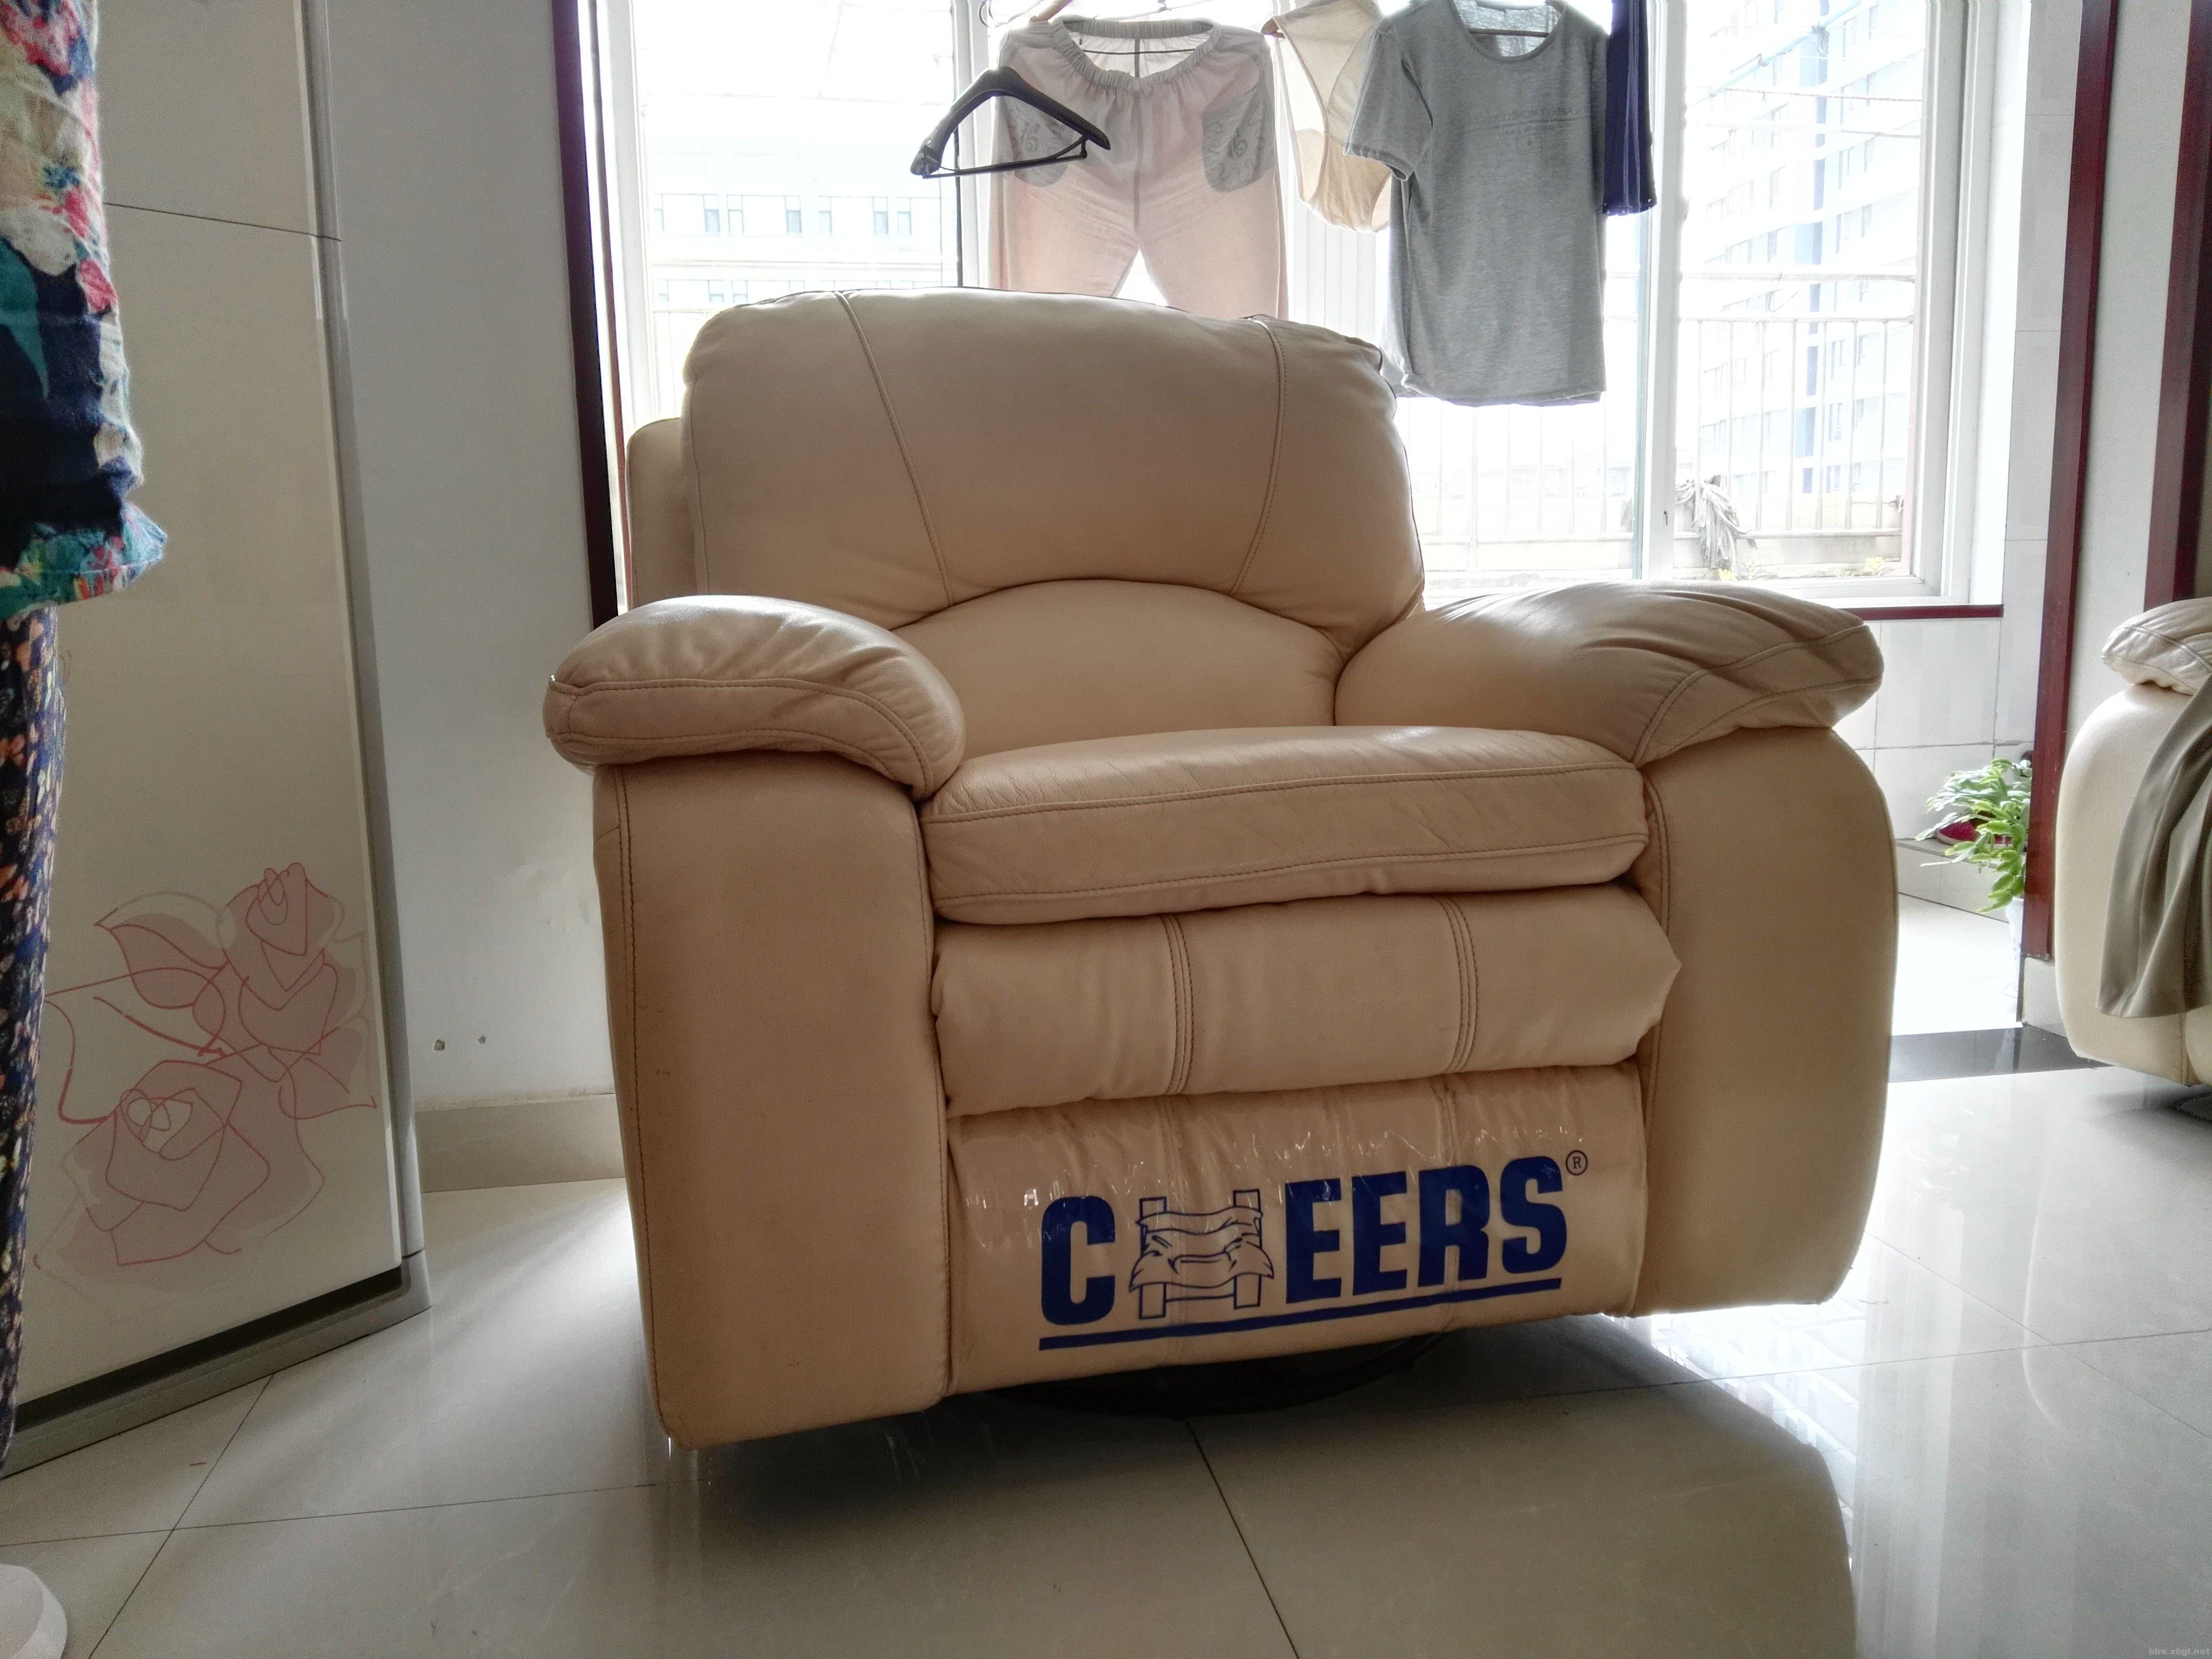 芝华士沙发 头等舱沙发图片